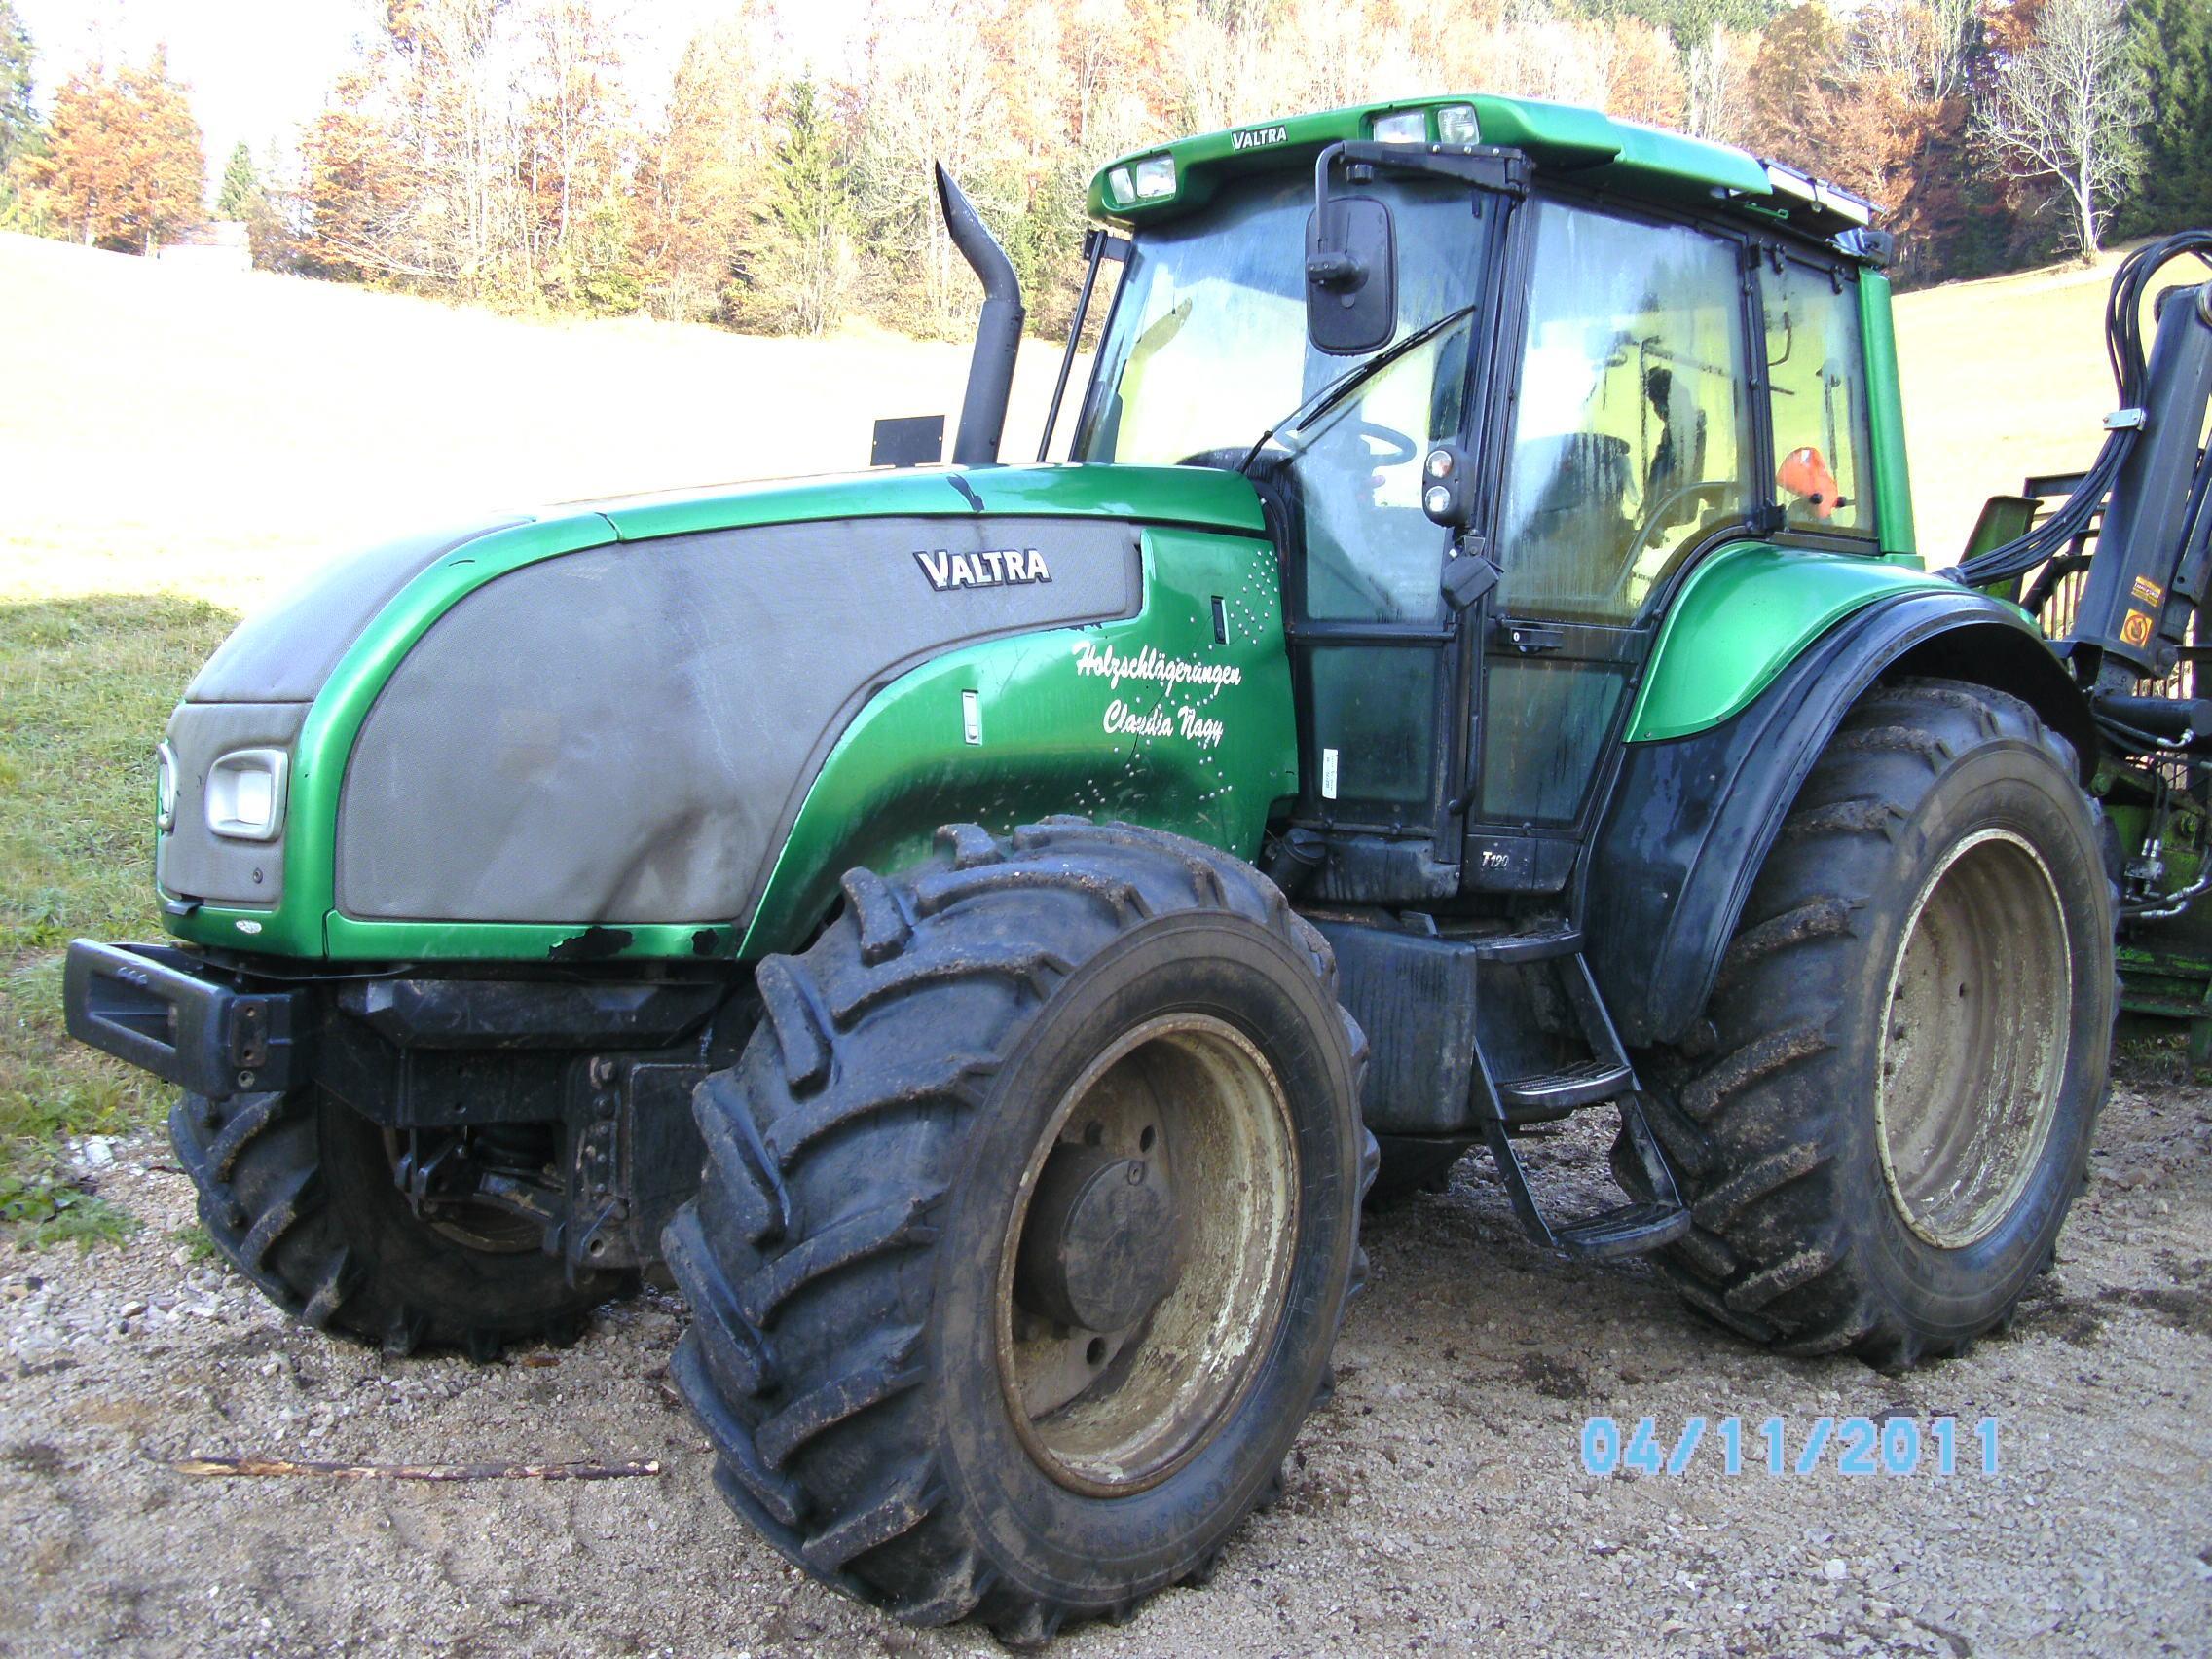 valtra traktor mit farma anh nger mit kran kesla 305 t mit tilt. Black Bedroom Furniture Sets. Home Design Ideas